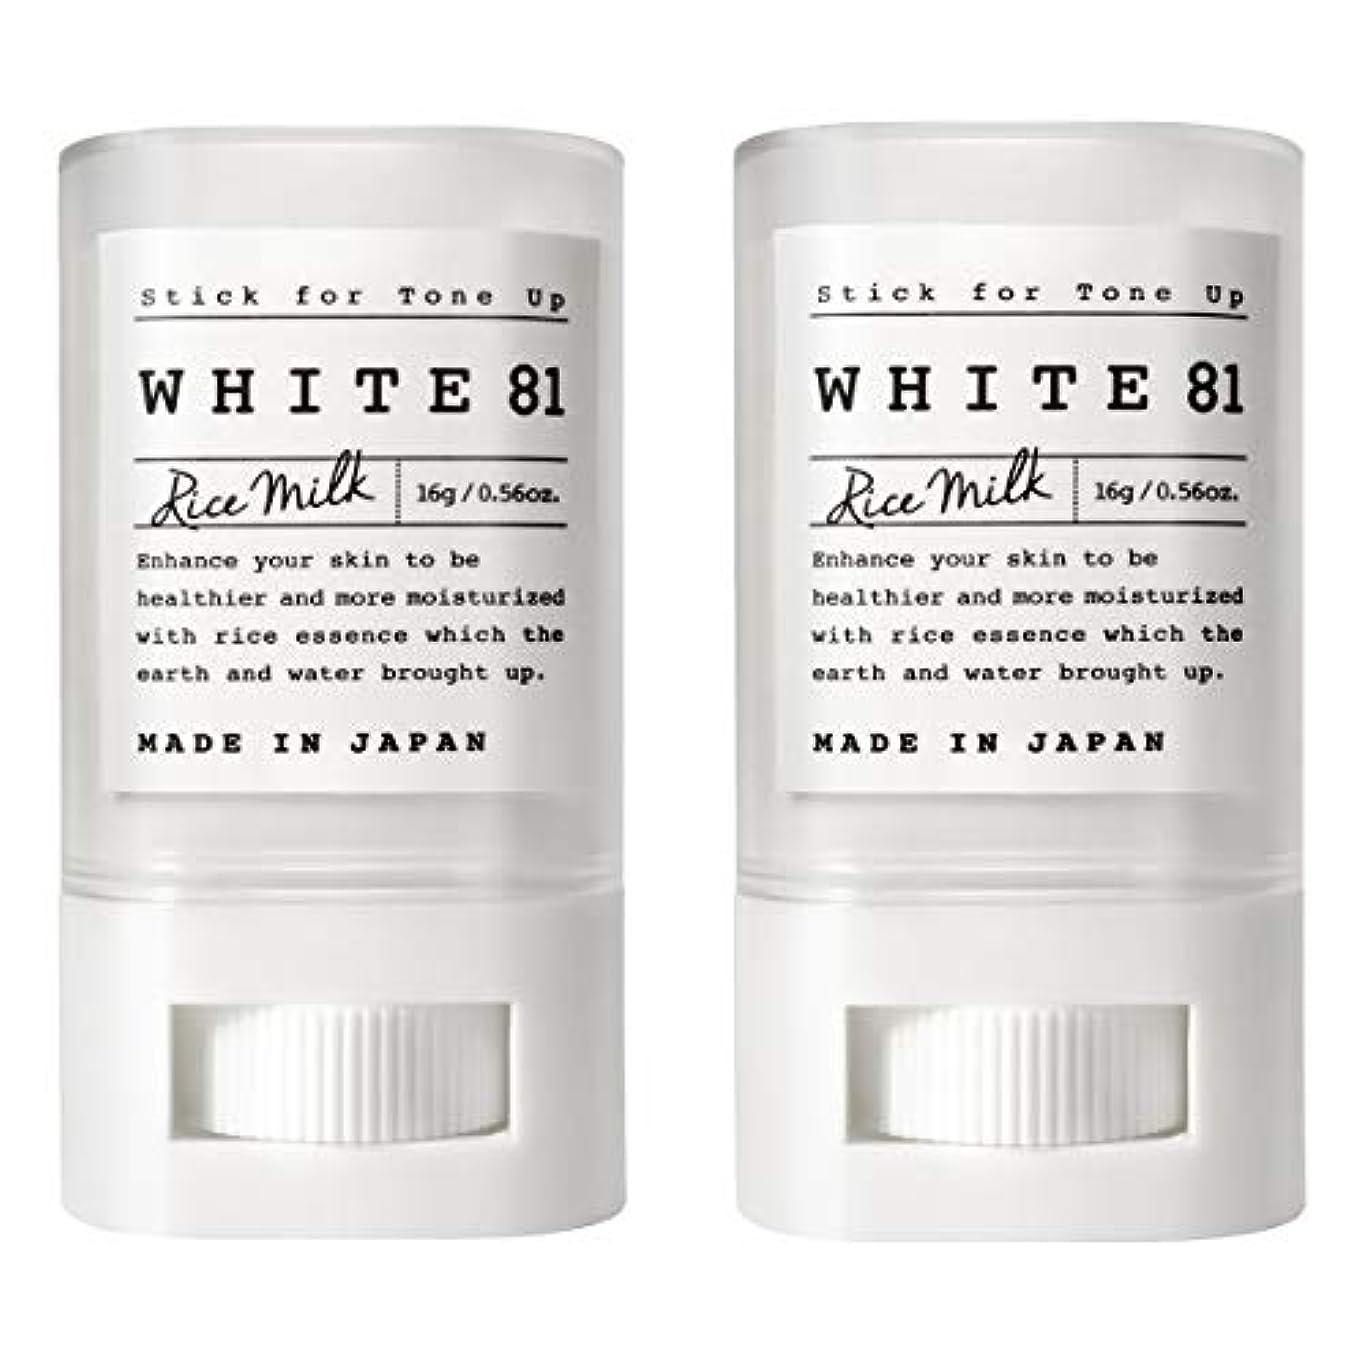 意味待つノミネート【お得な2個セット】WHITE81 ホワイト81 トーンアップスティック(化粧下地?日焼け止め / SPF35?PA+++?ウォータープルーフ?複合保湿成分配合?肌に優しい6種のフリー / 日本製)